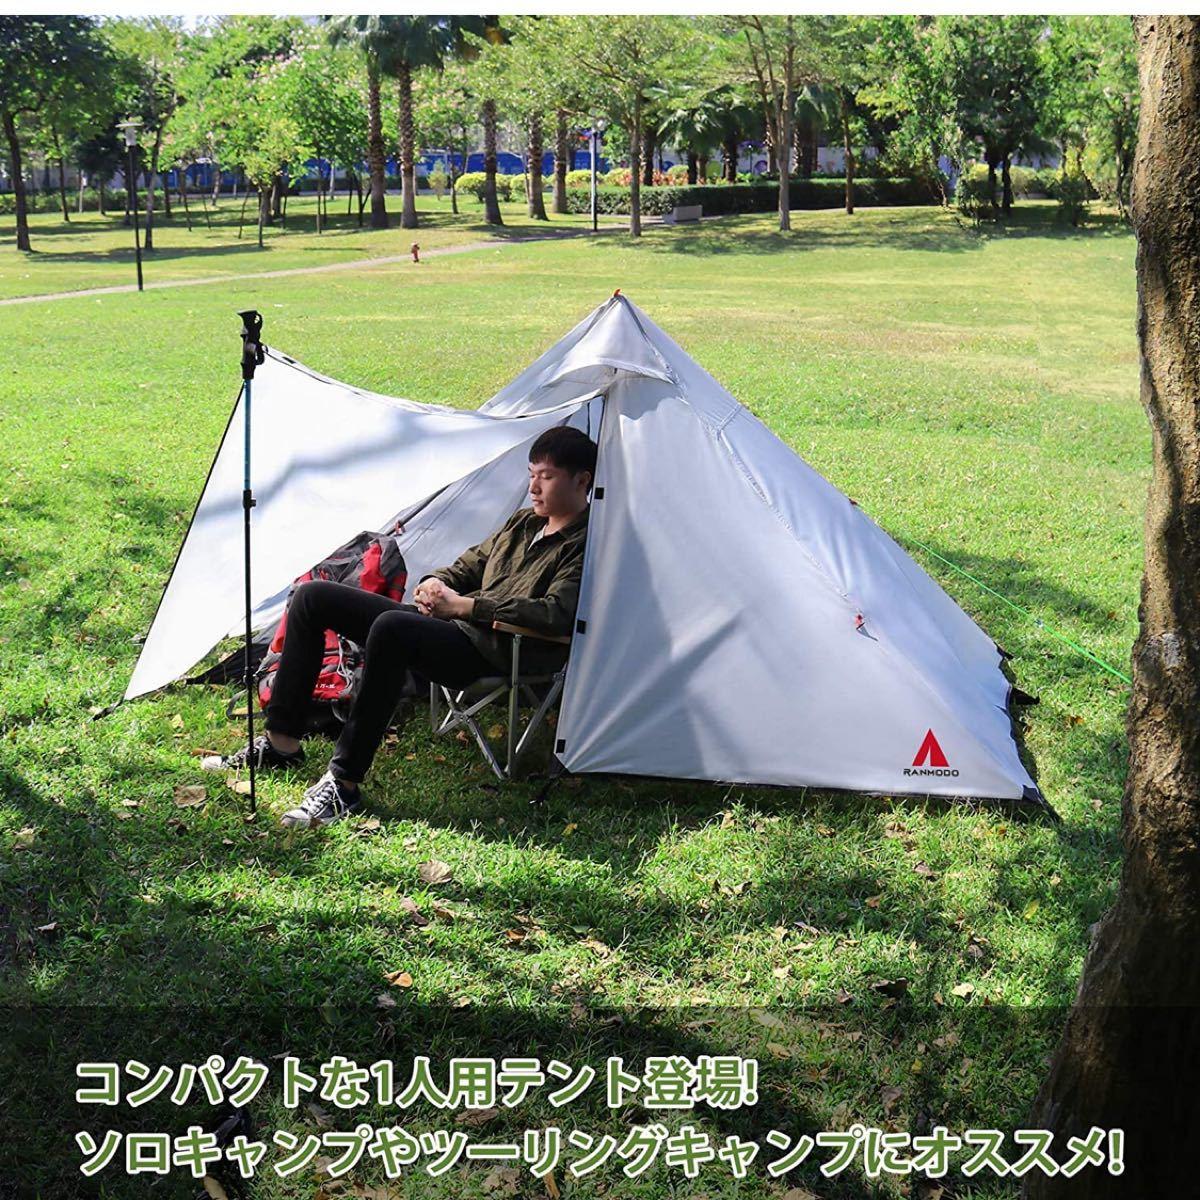 ■ソロキャンプのプロになろう■ワンポールテント 一人用 UVカット 高耐水